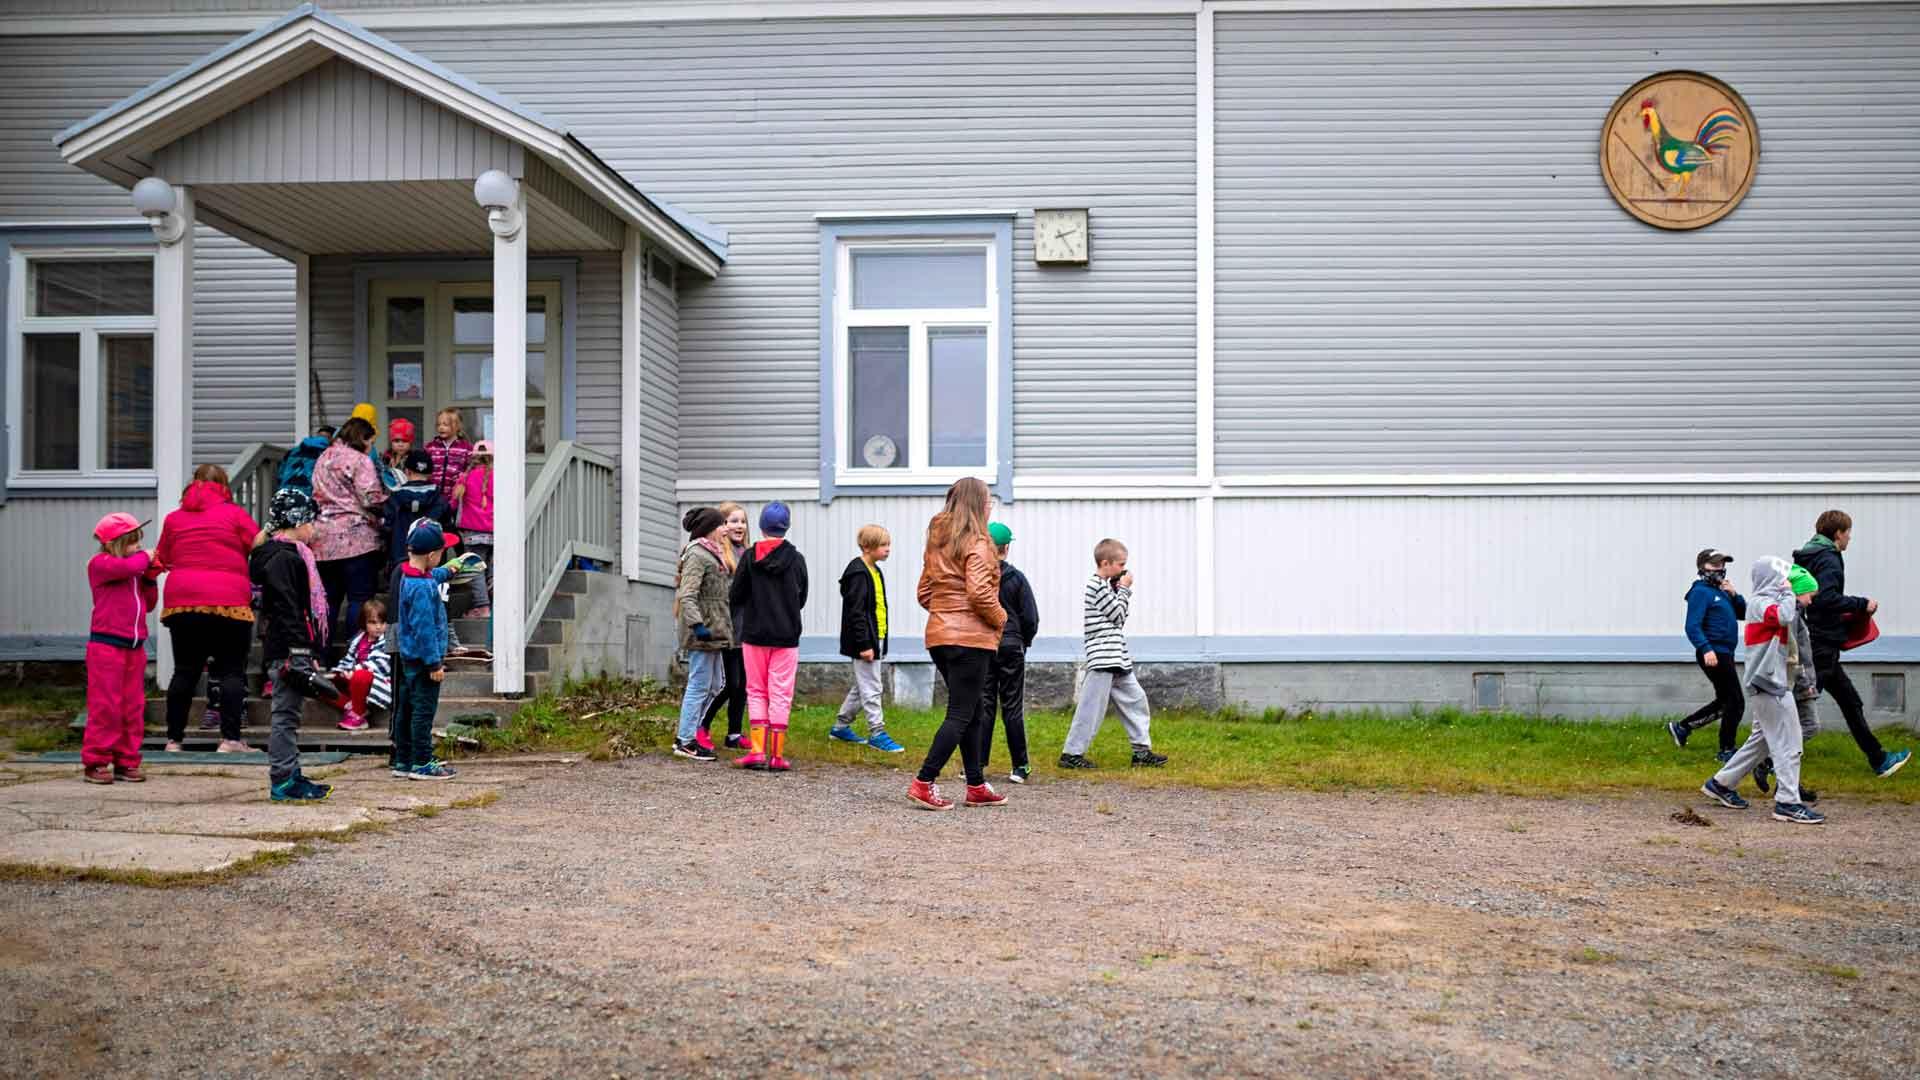 117-vuotiasta Koittilan kyläkoulua käy yli 30 oppilasta. Sen yhteydessä toimii ryhmäperhepäivähoito ja iltaisin koululla järjestetään harrastustoimintaa.